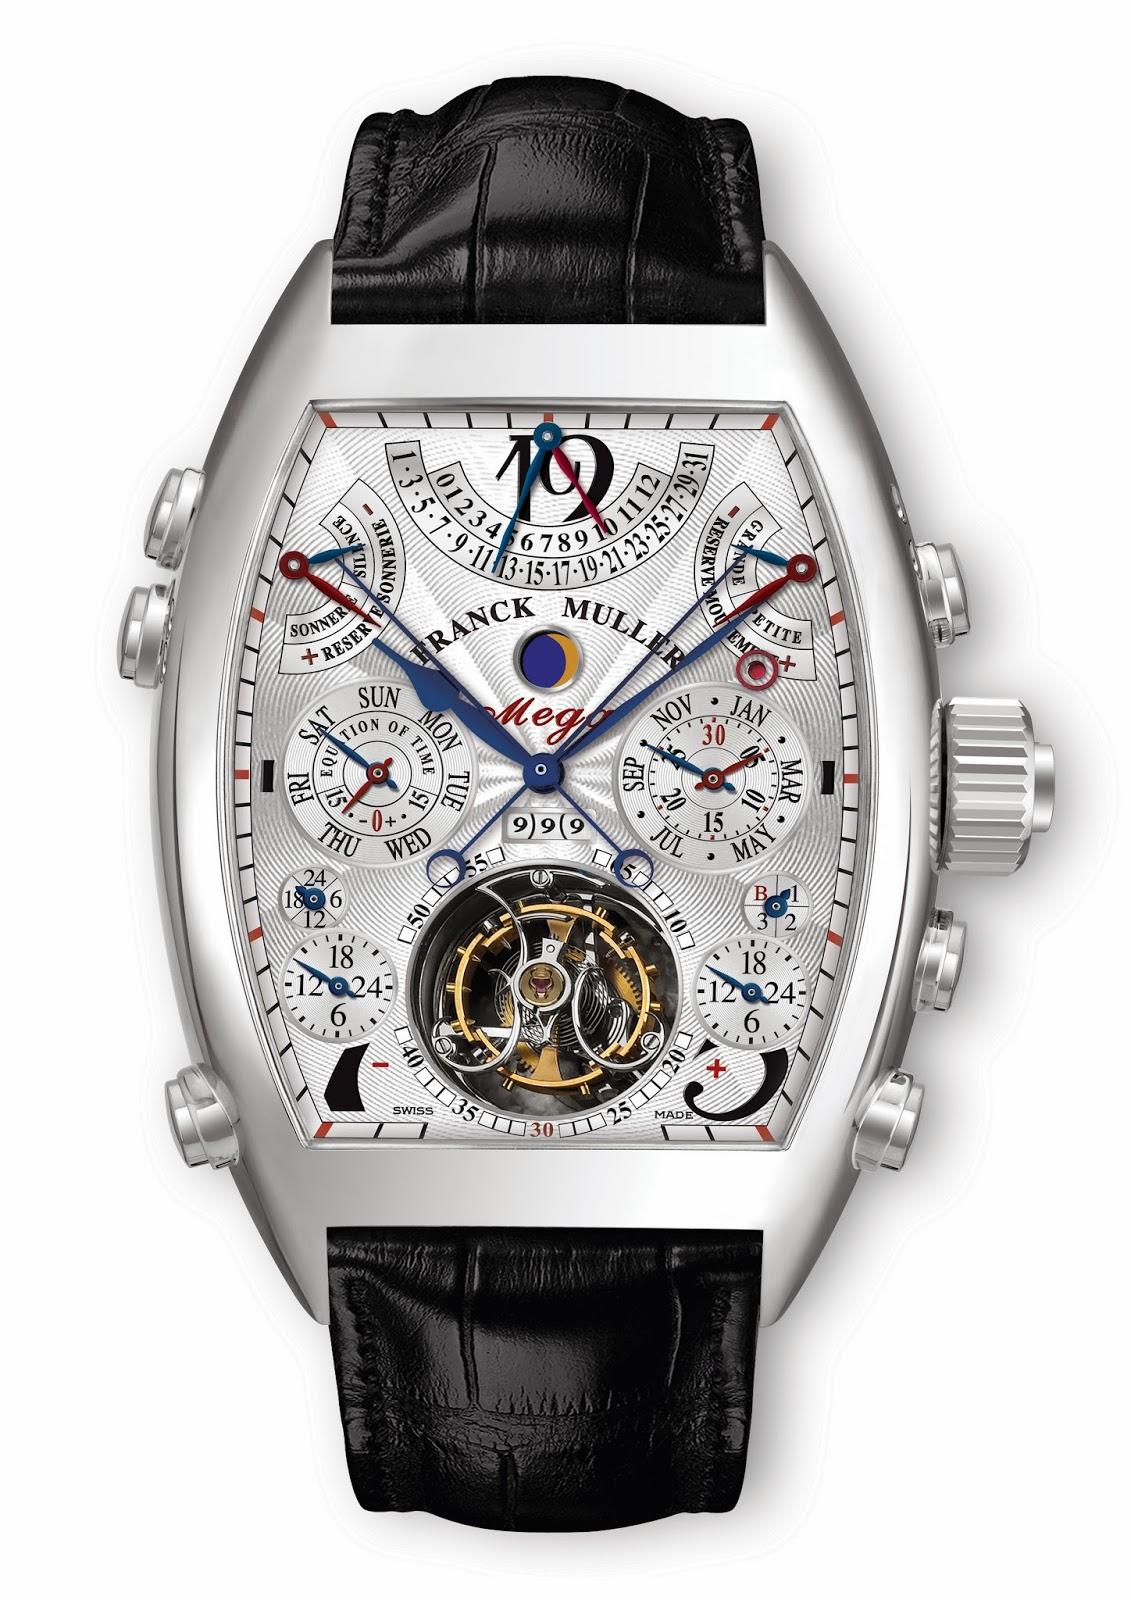 5 luxury watches costlier than a ferrari luxury travel blog ilt for Luxury watches